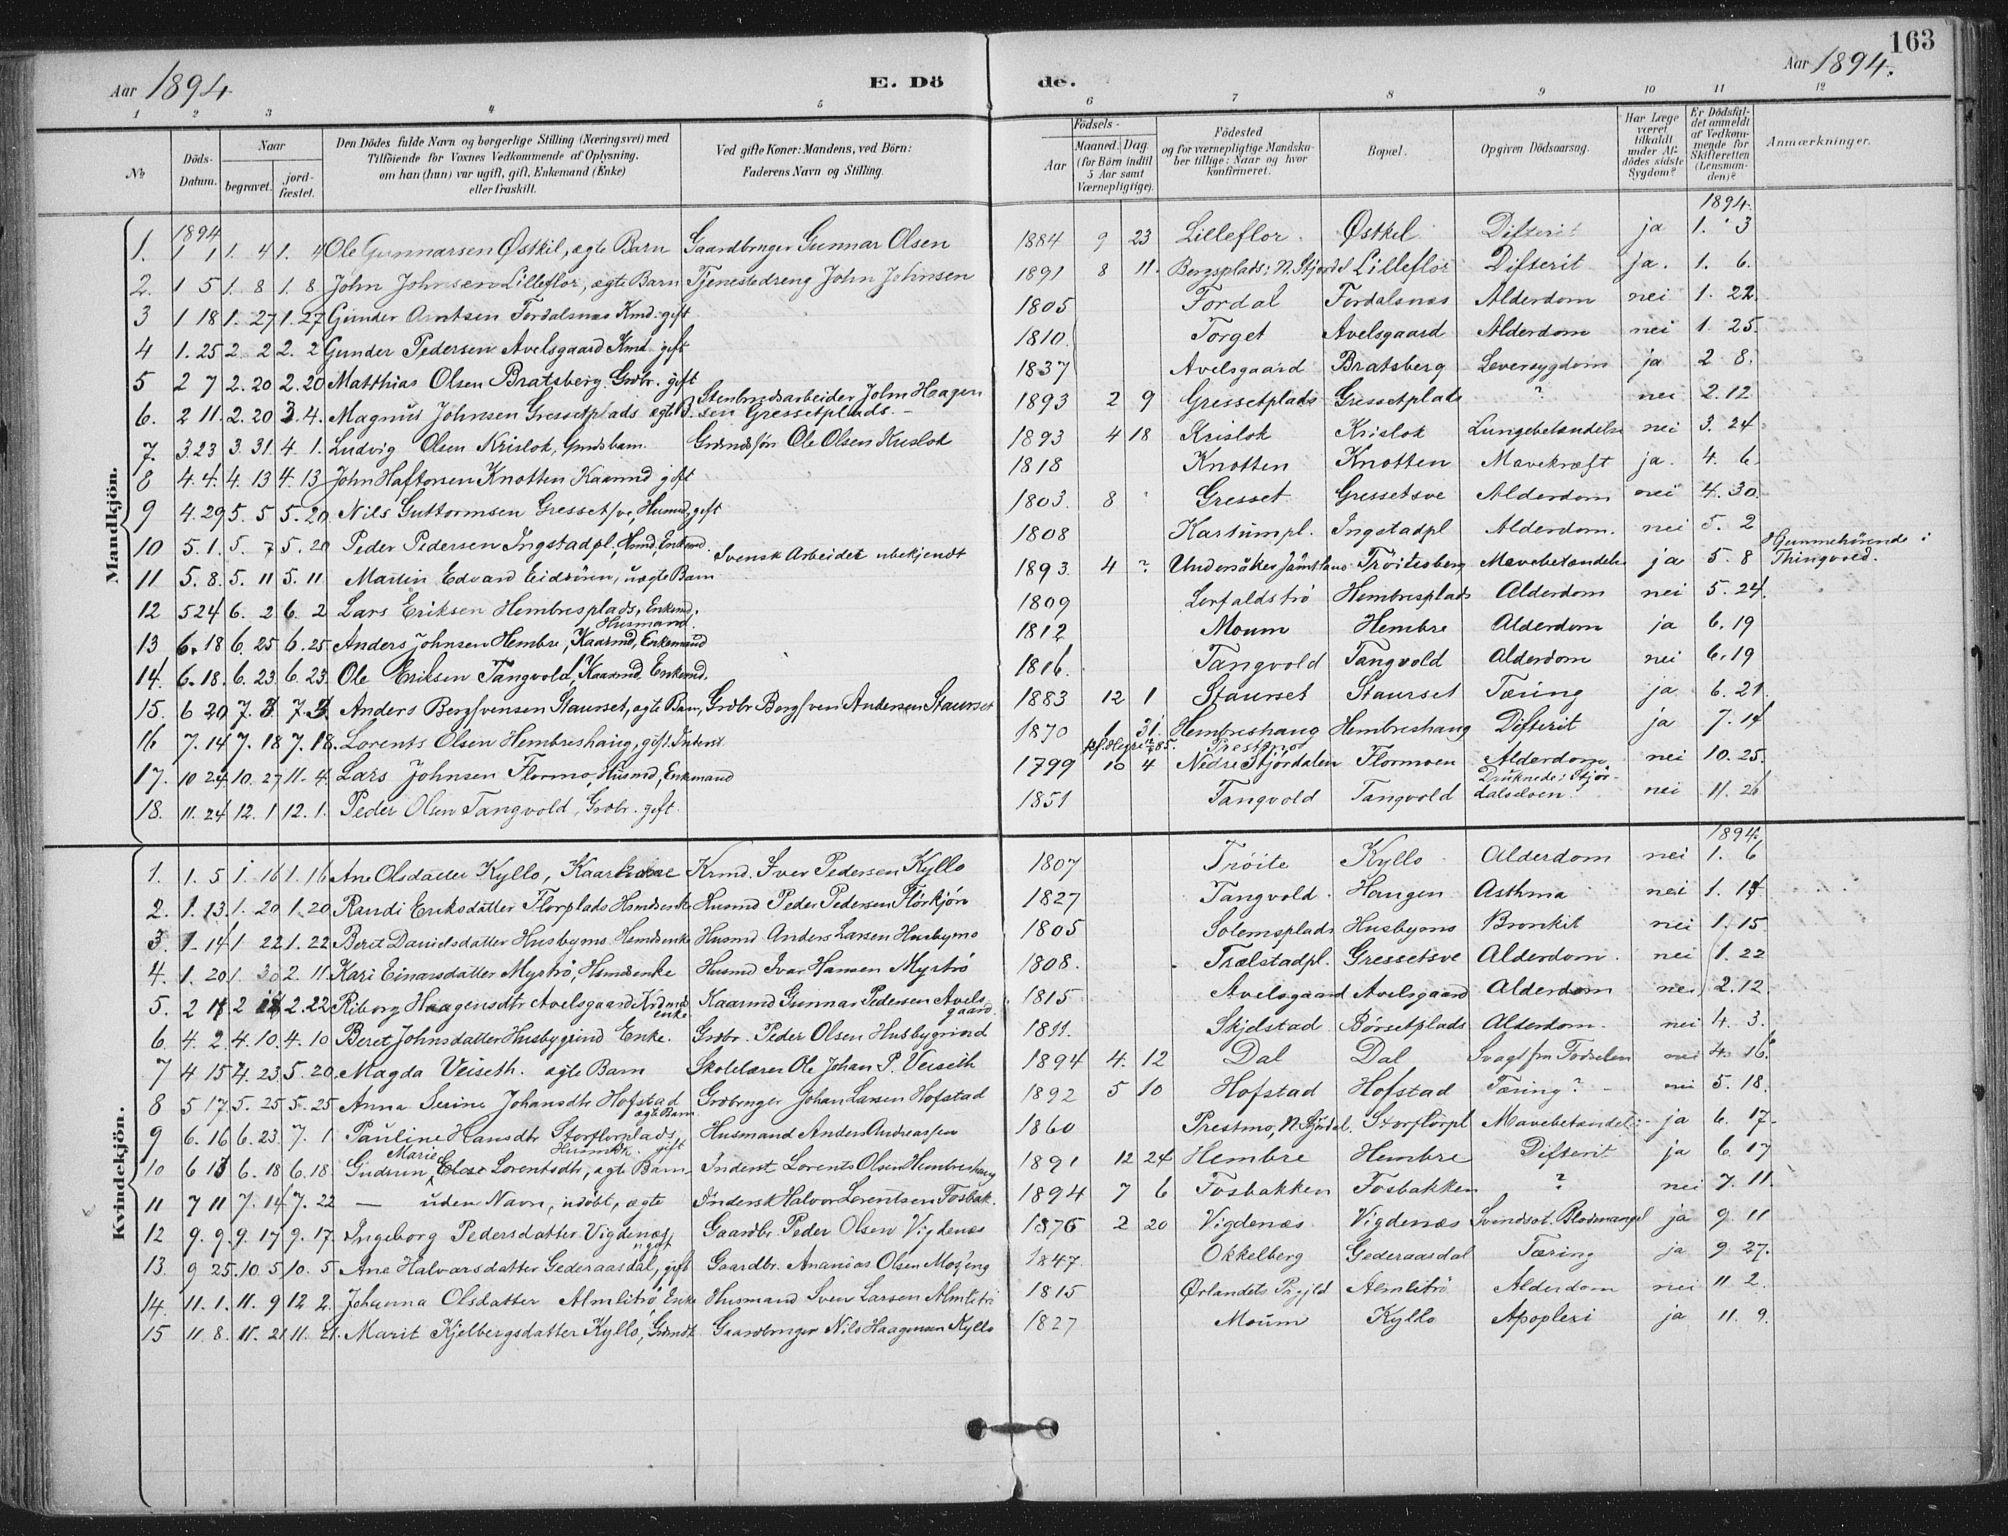 SAT, Ministerialprotokoller, klokkerbøker og fødselsregistre - Nord-Trøndelag, 703/L0031: Ministerialbok nr. 703A04, 1893-1914, s. 163